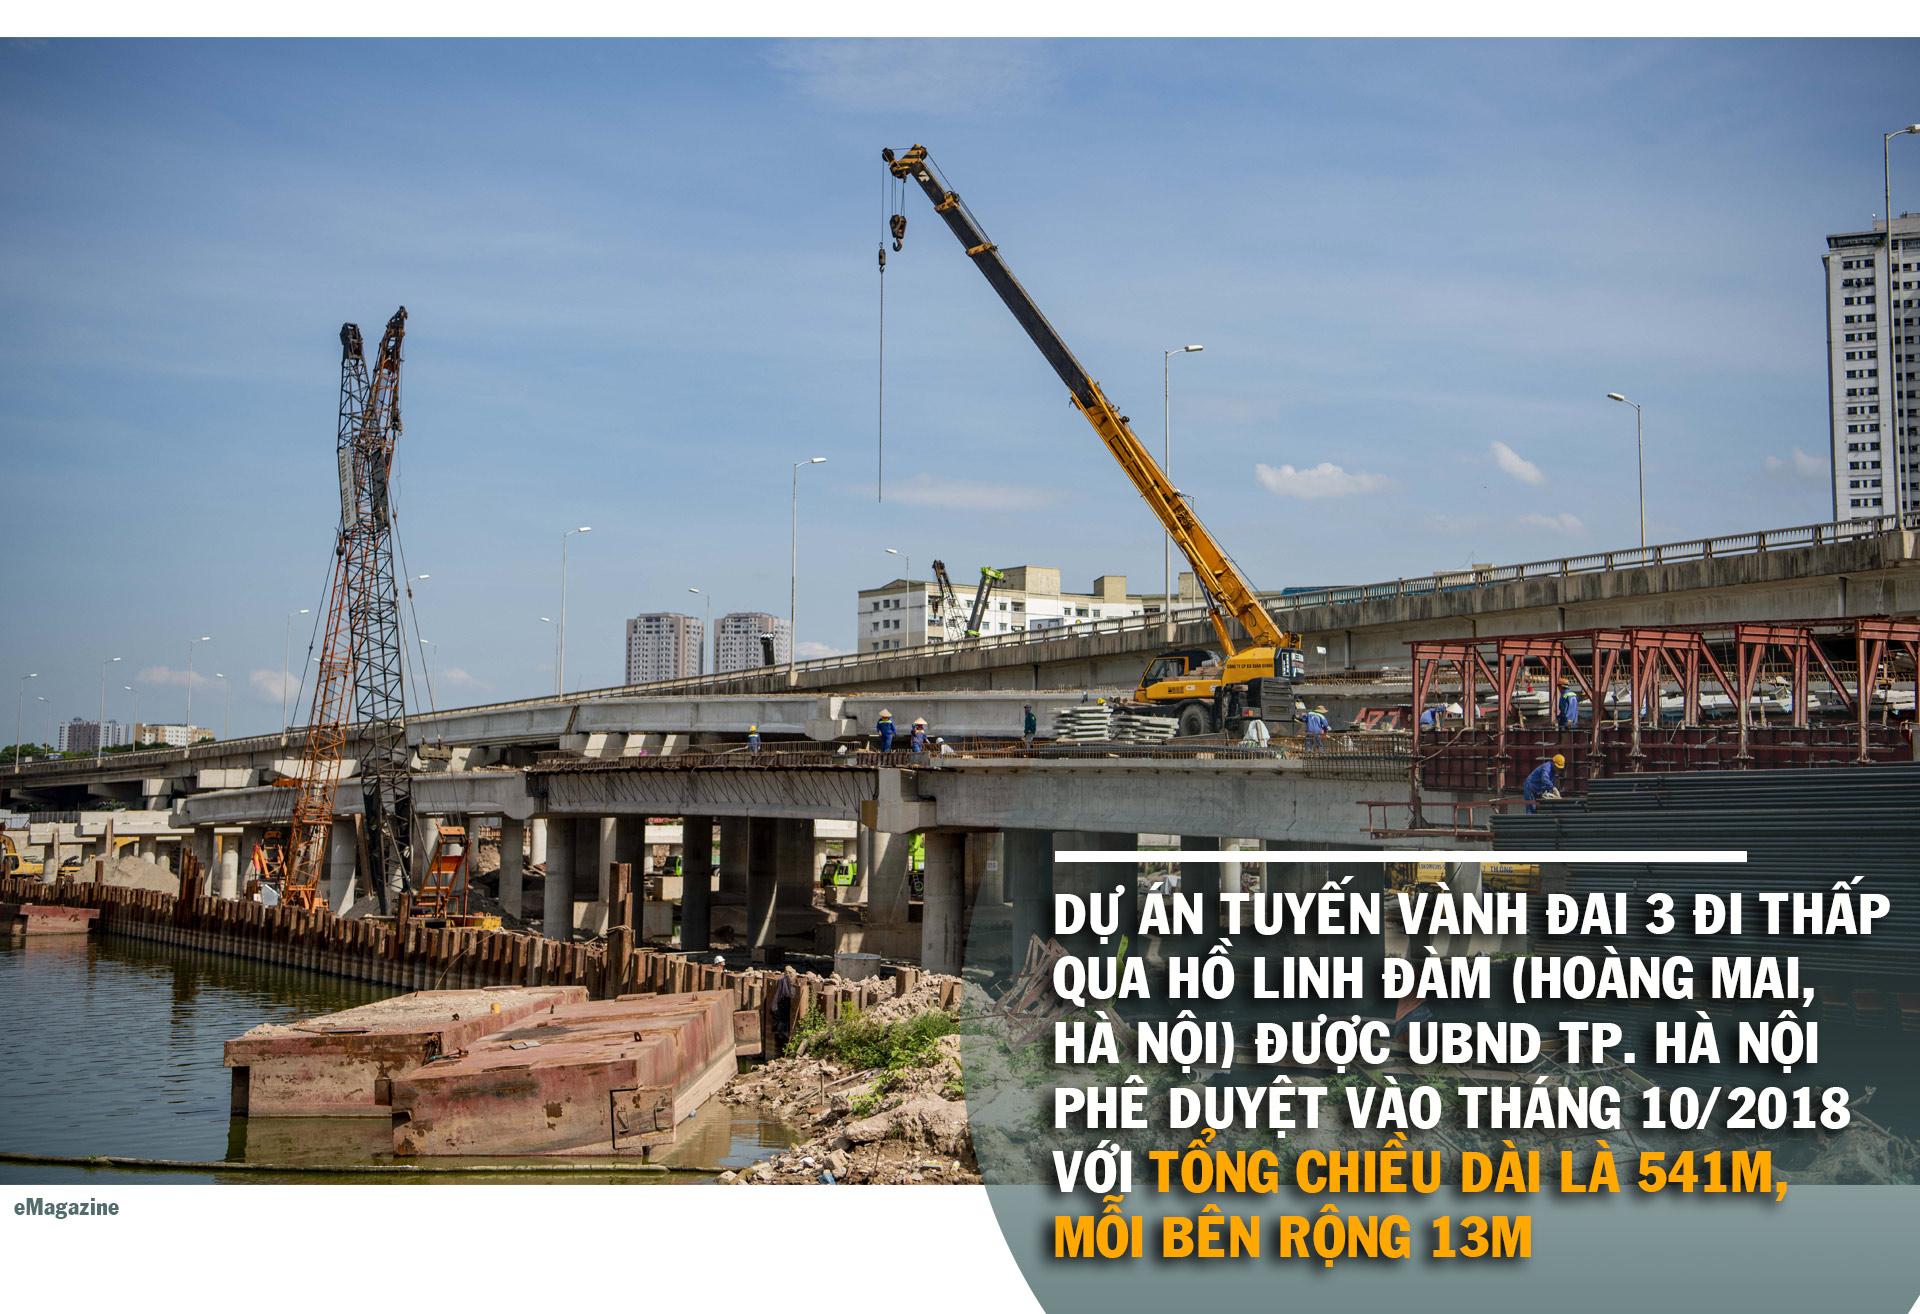 Toàn cảnh cầu hàng trăm tỷ vượt qua hồ nước đẹp bậc nhất Hà Nội - 3